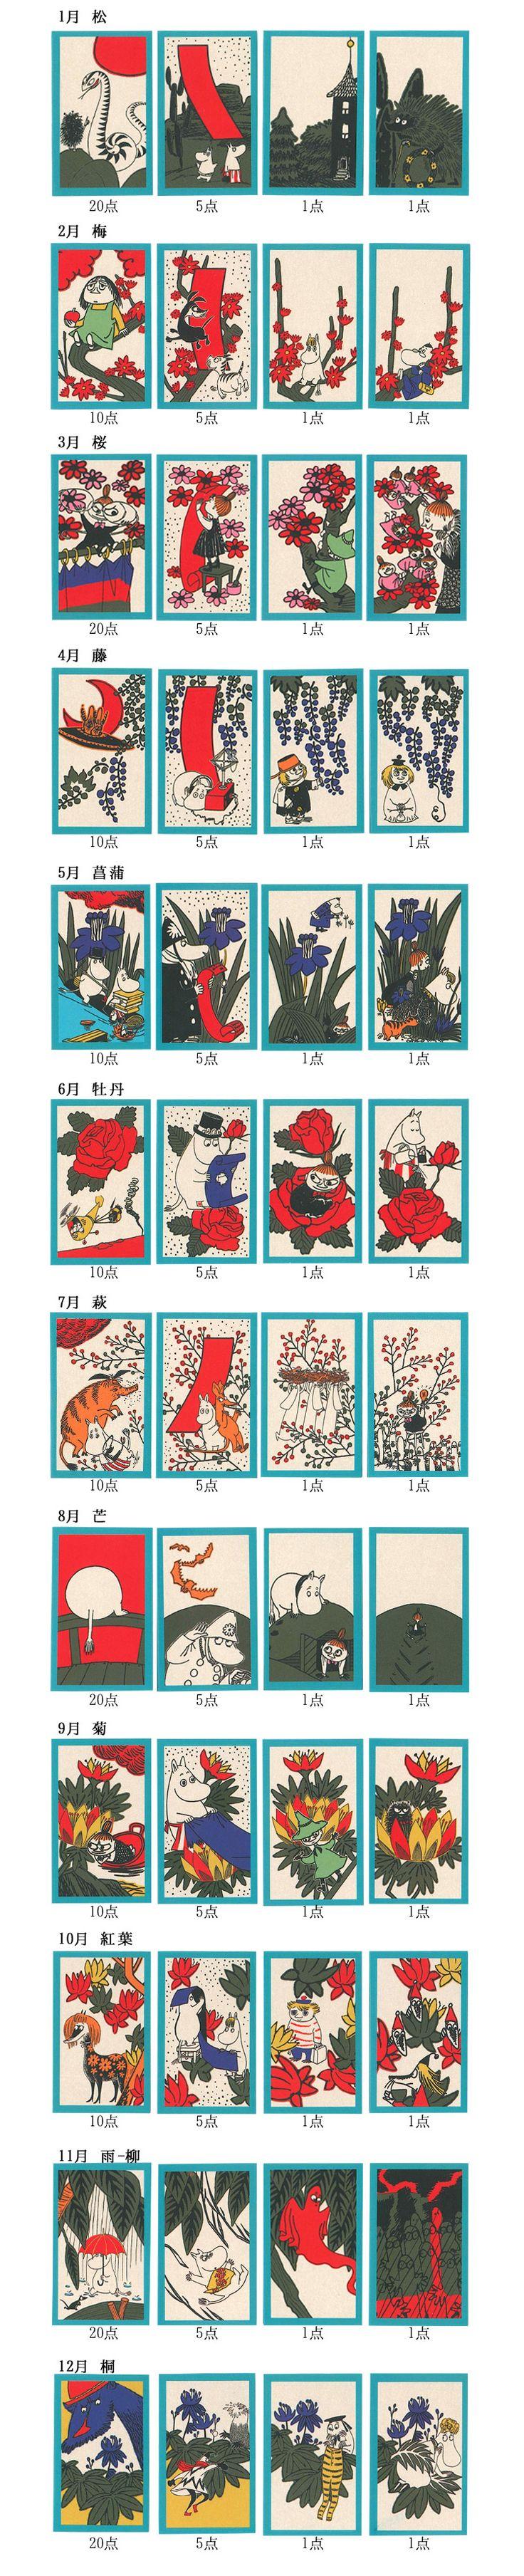 ムーミンと仲間たちがいっぱいの「花札」が登場です!キャラクターのみならず、花や植物、動物などのモチーフも「ムーミンコミックス」から選ばれているのに、ちゃんと伝統の花札の柄を連想させます。色合いもシックで、コレクションアイテムとしても魅力的♪地域や時代によって様々な遊び方やルールがある花札。箱の中には基本的な遊び方の手順を紹介しているので、初めて遊ぶ人も安心。この花札だけの特別な役もあるので是非チェックしてくださいね!※画像はサンプルです。仕様変更がある場合がございます。[素材]紙[サイズ]パッケージ:約H8×W11×D3cm カード:約H5.4×W3.3cm[原産国]中国[発売元]株式会社エンスカイ※商品の色や質感を出来るだけ忠実に再現するよう心掛けていますが、画面上の色はブラウザや設定により実物と若干異なる場合がございます。